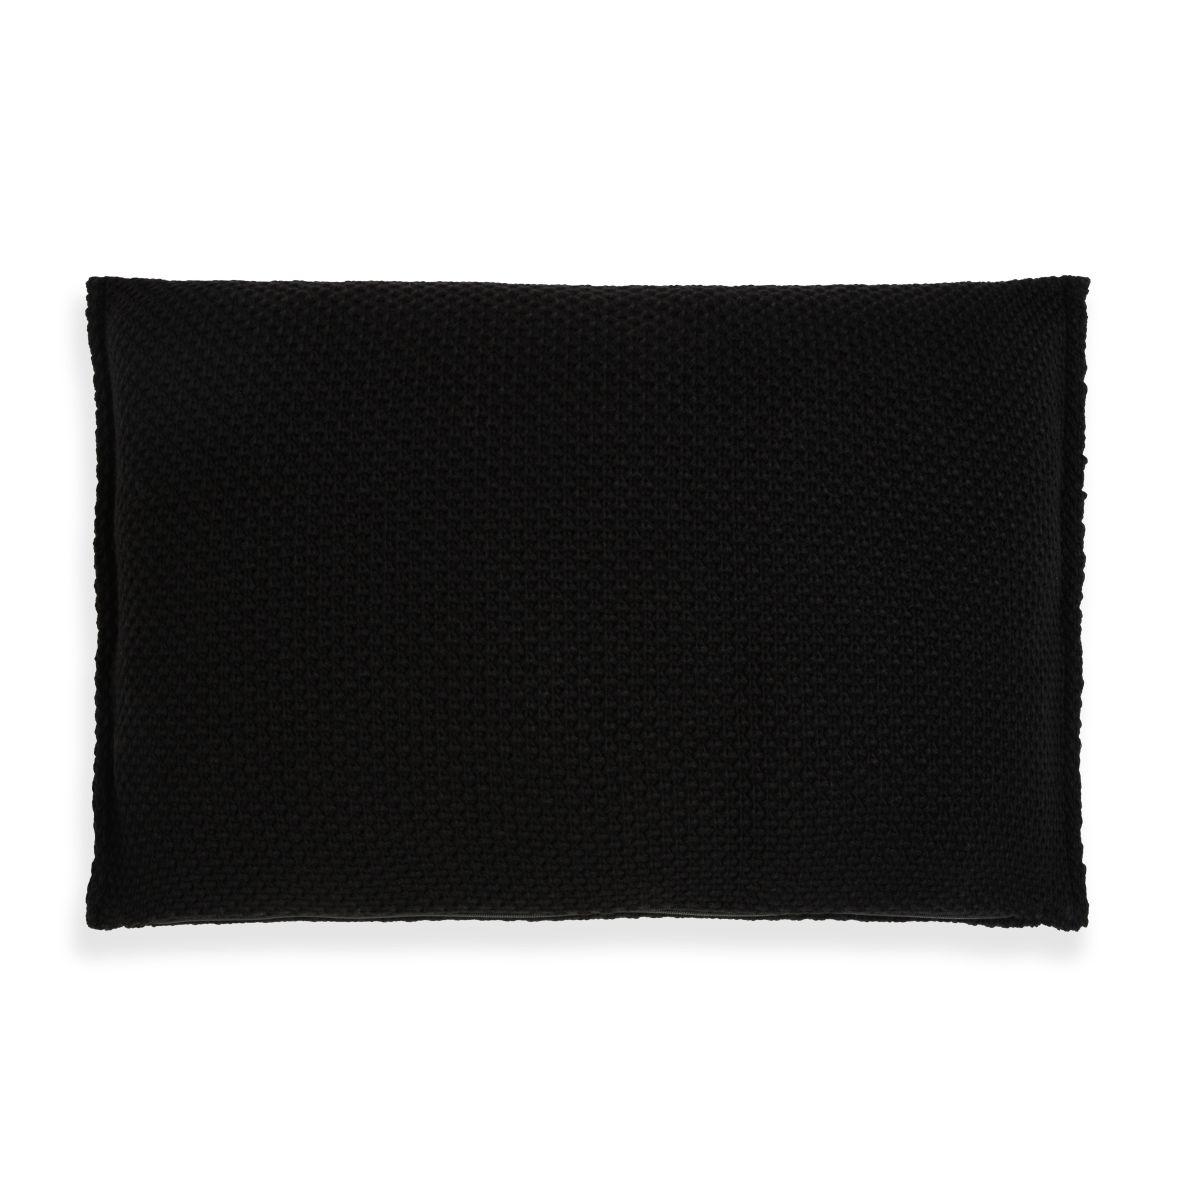 lynn cushion black 60x40